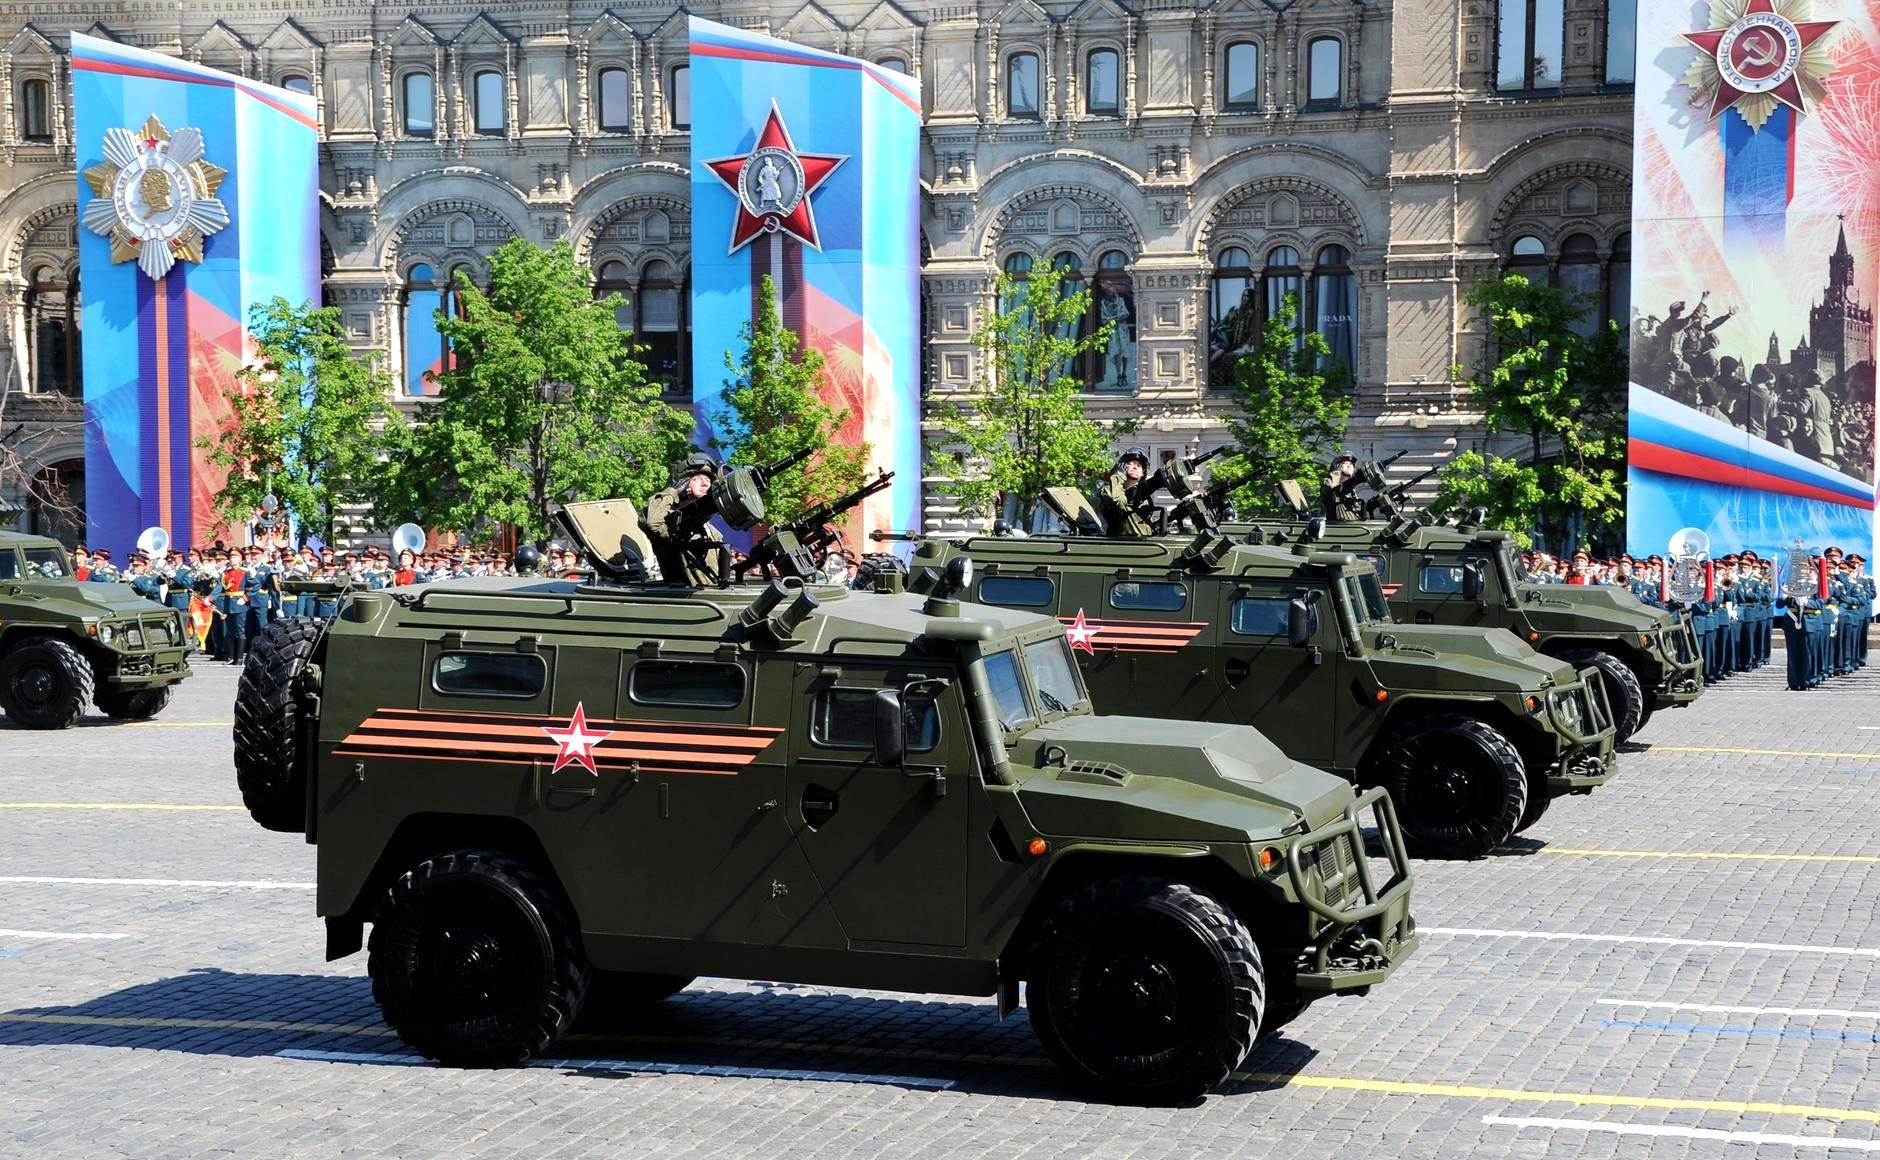 Desfile de segunda (9) teve modelos tradicionais e inovações do poderio militar russo